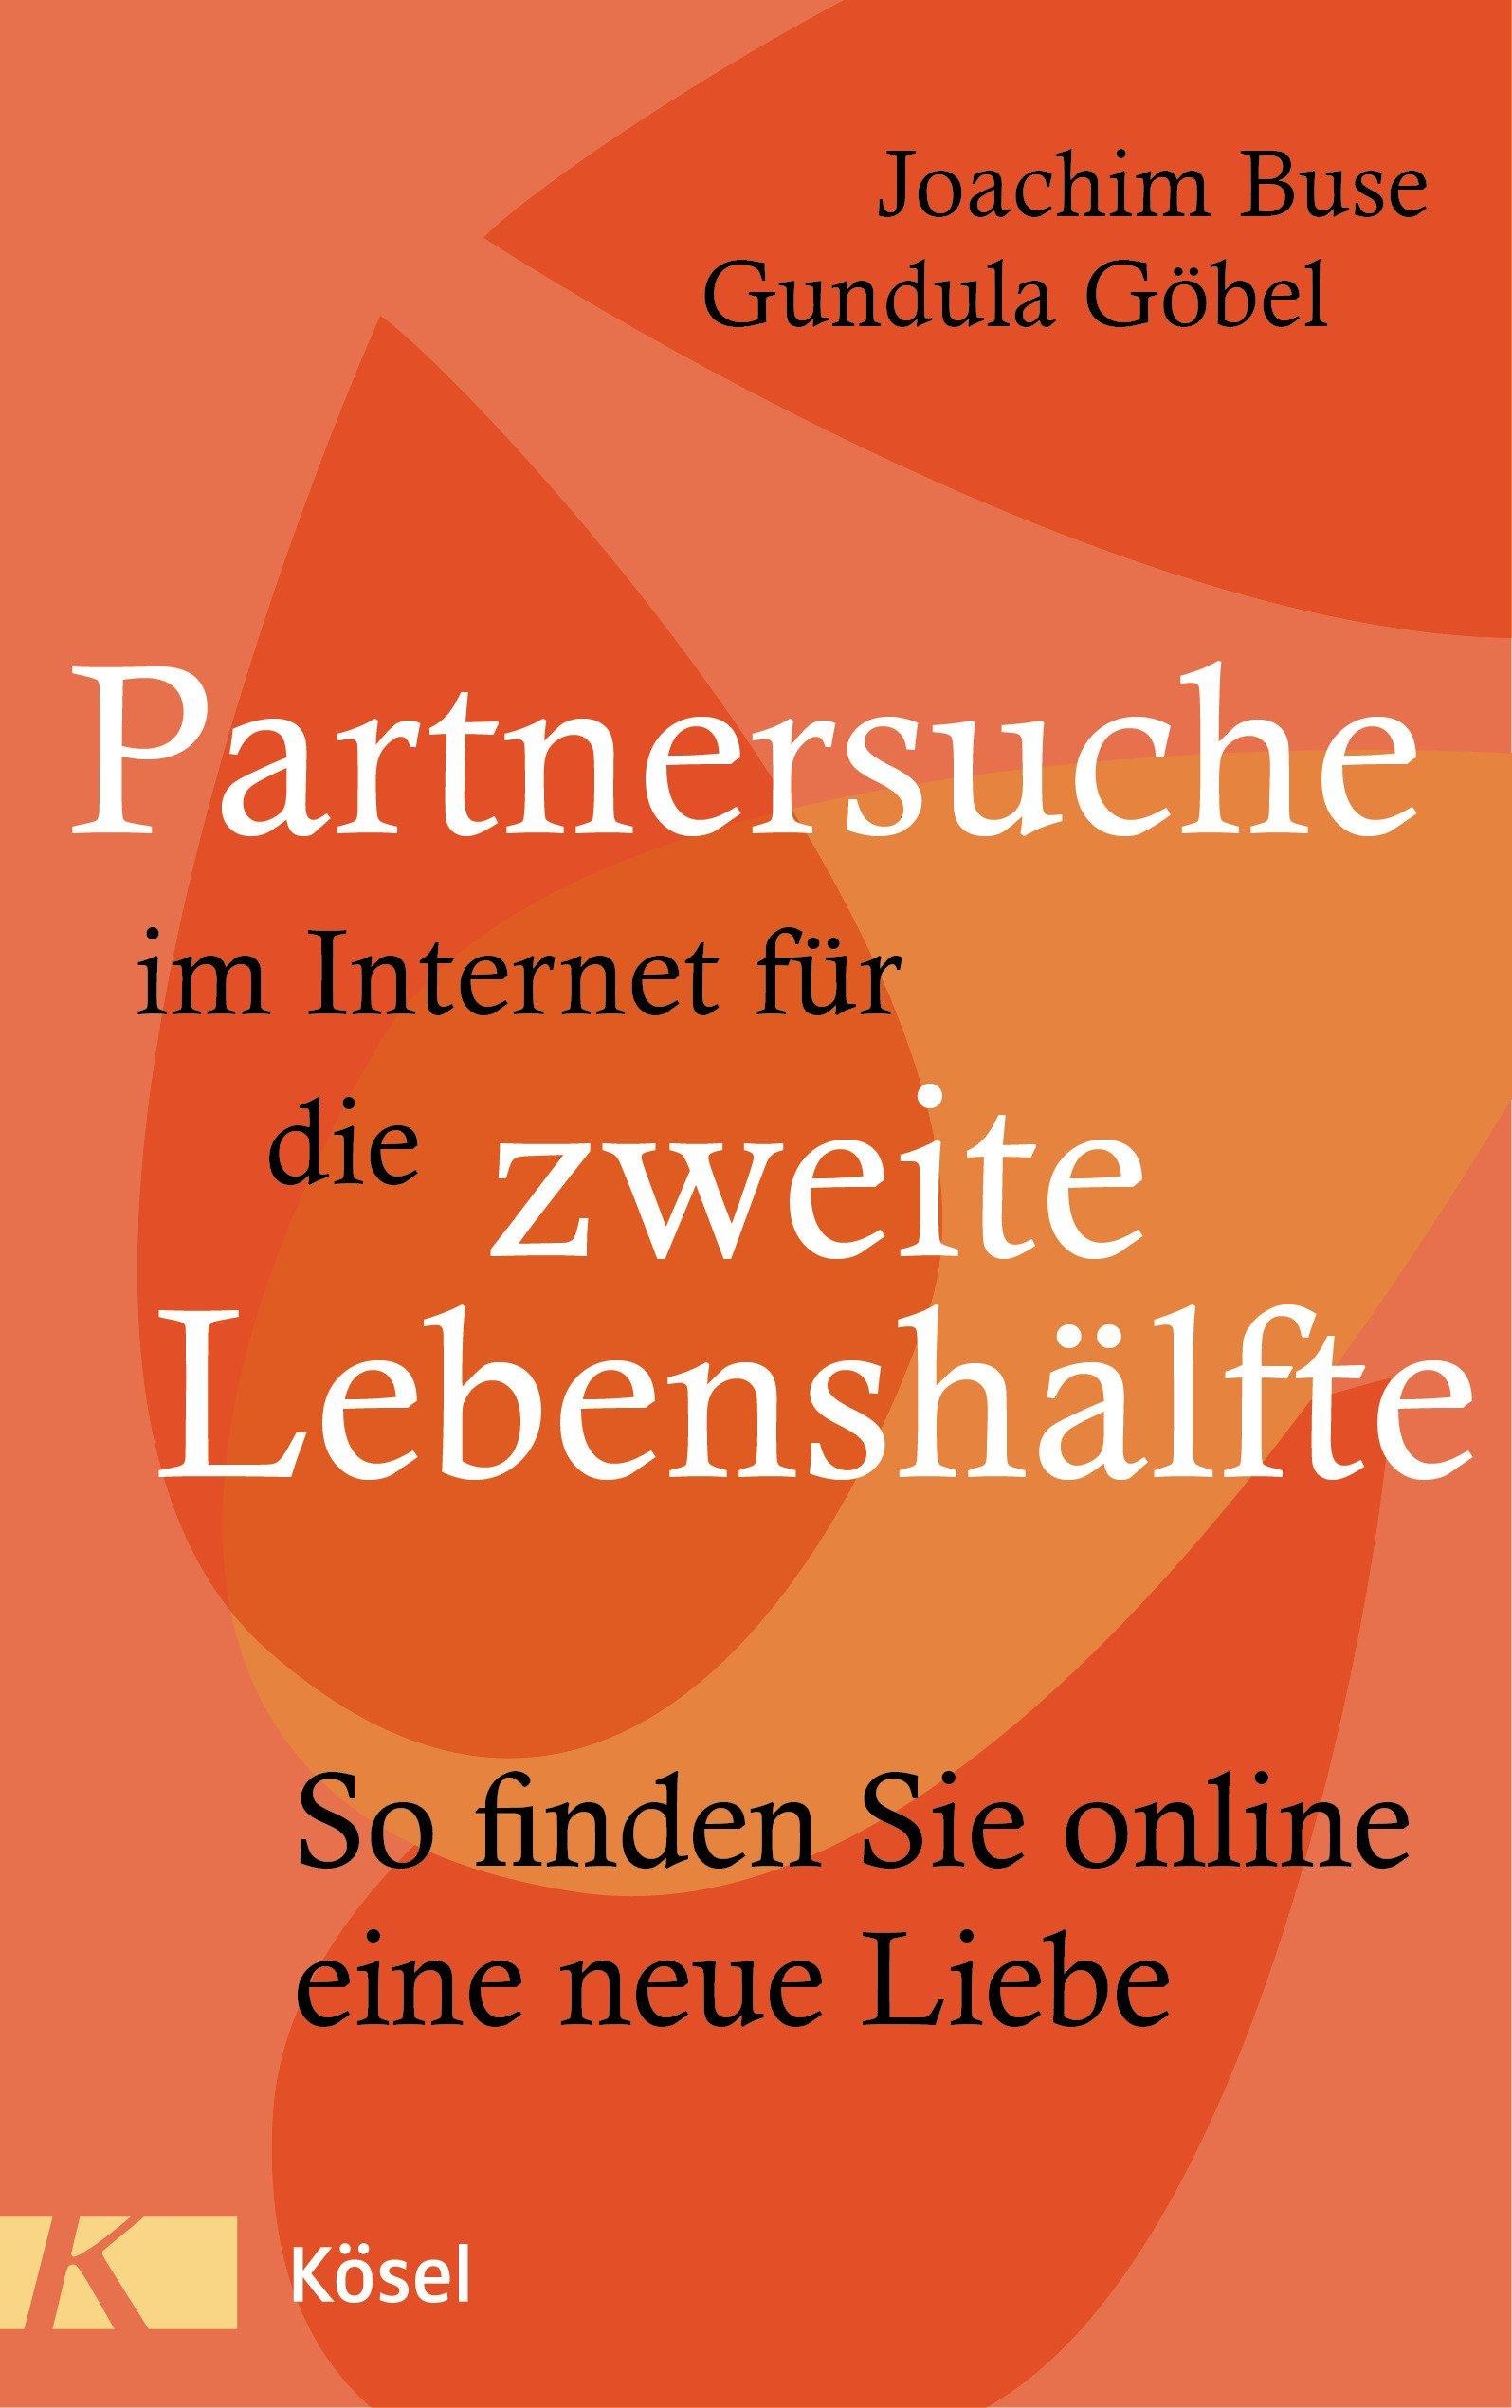 bild partnersuche im internet